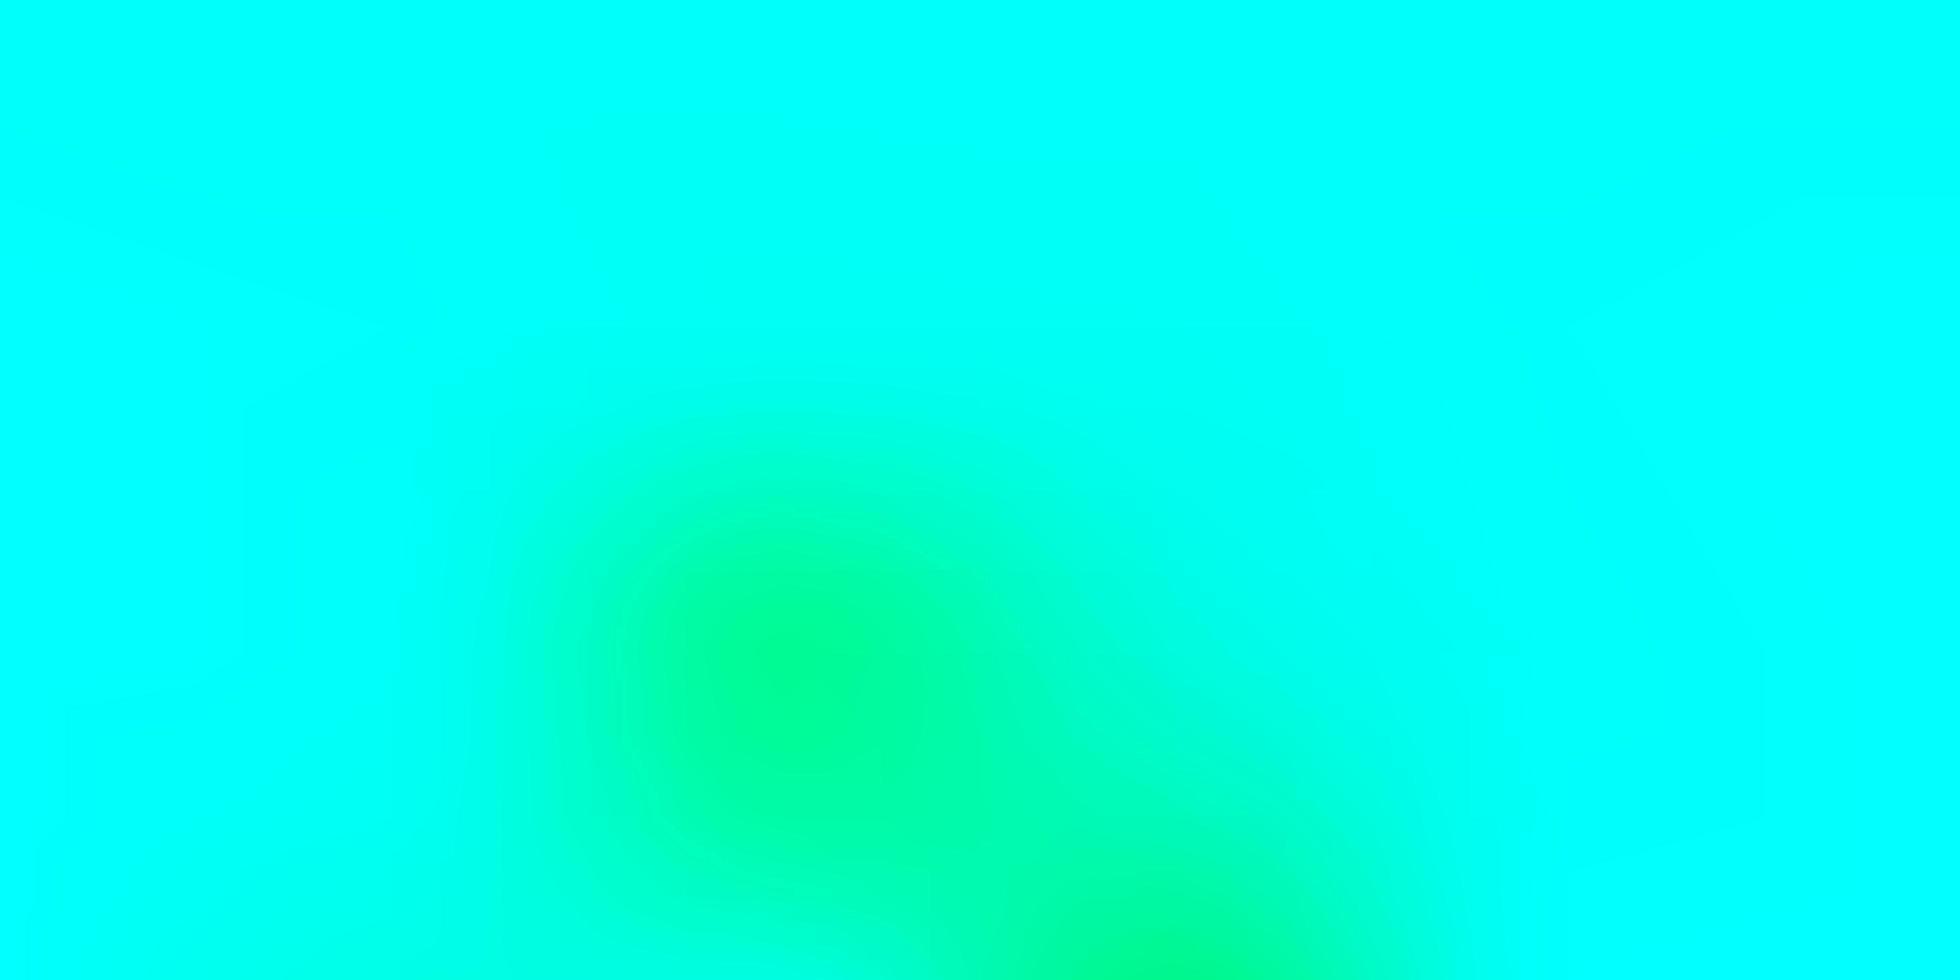 modelo de desfoque de gradiente de vetor verde claro.